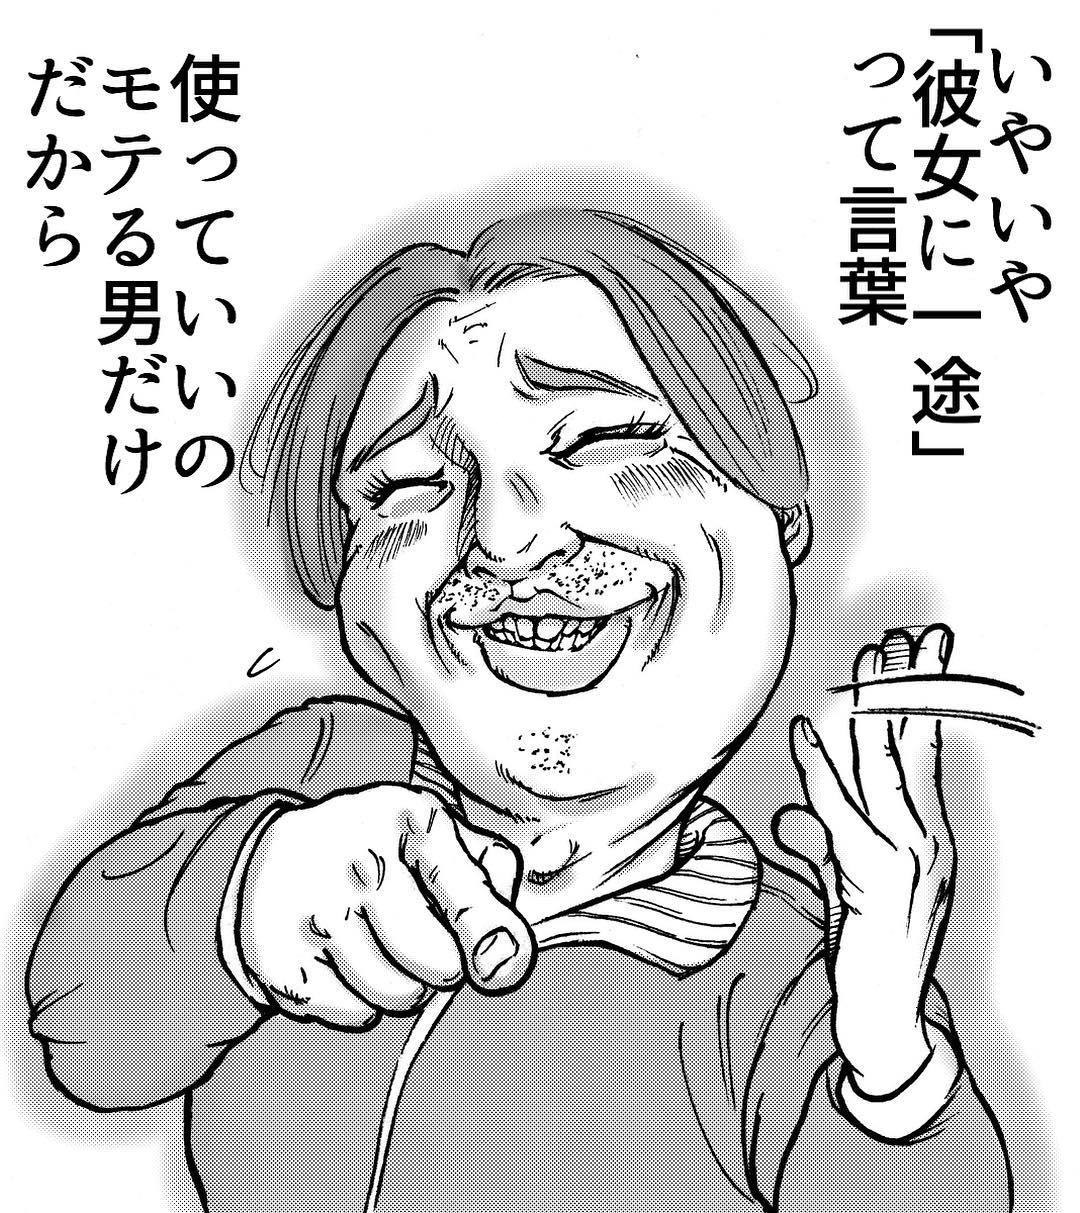 otamiotanomi_51174423_352342178943272_8716711249522533421_n